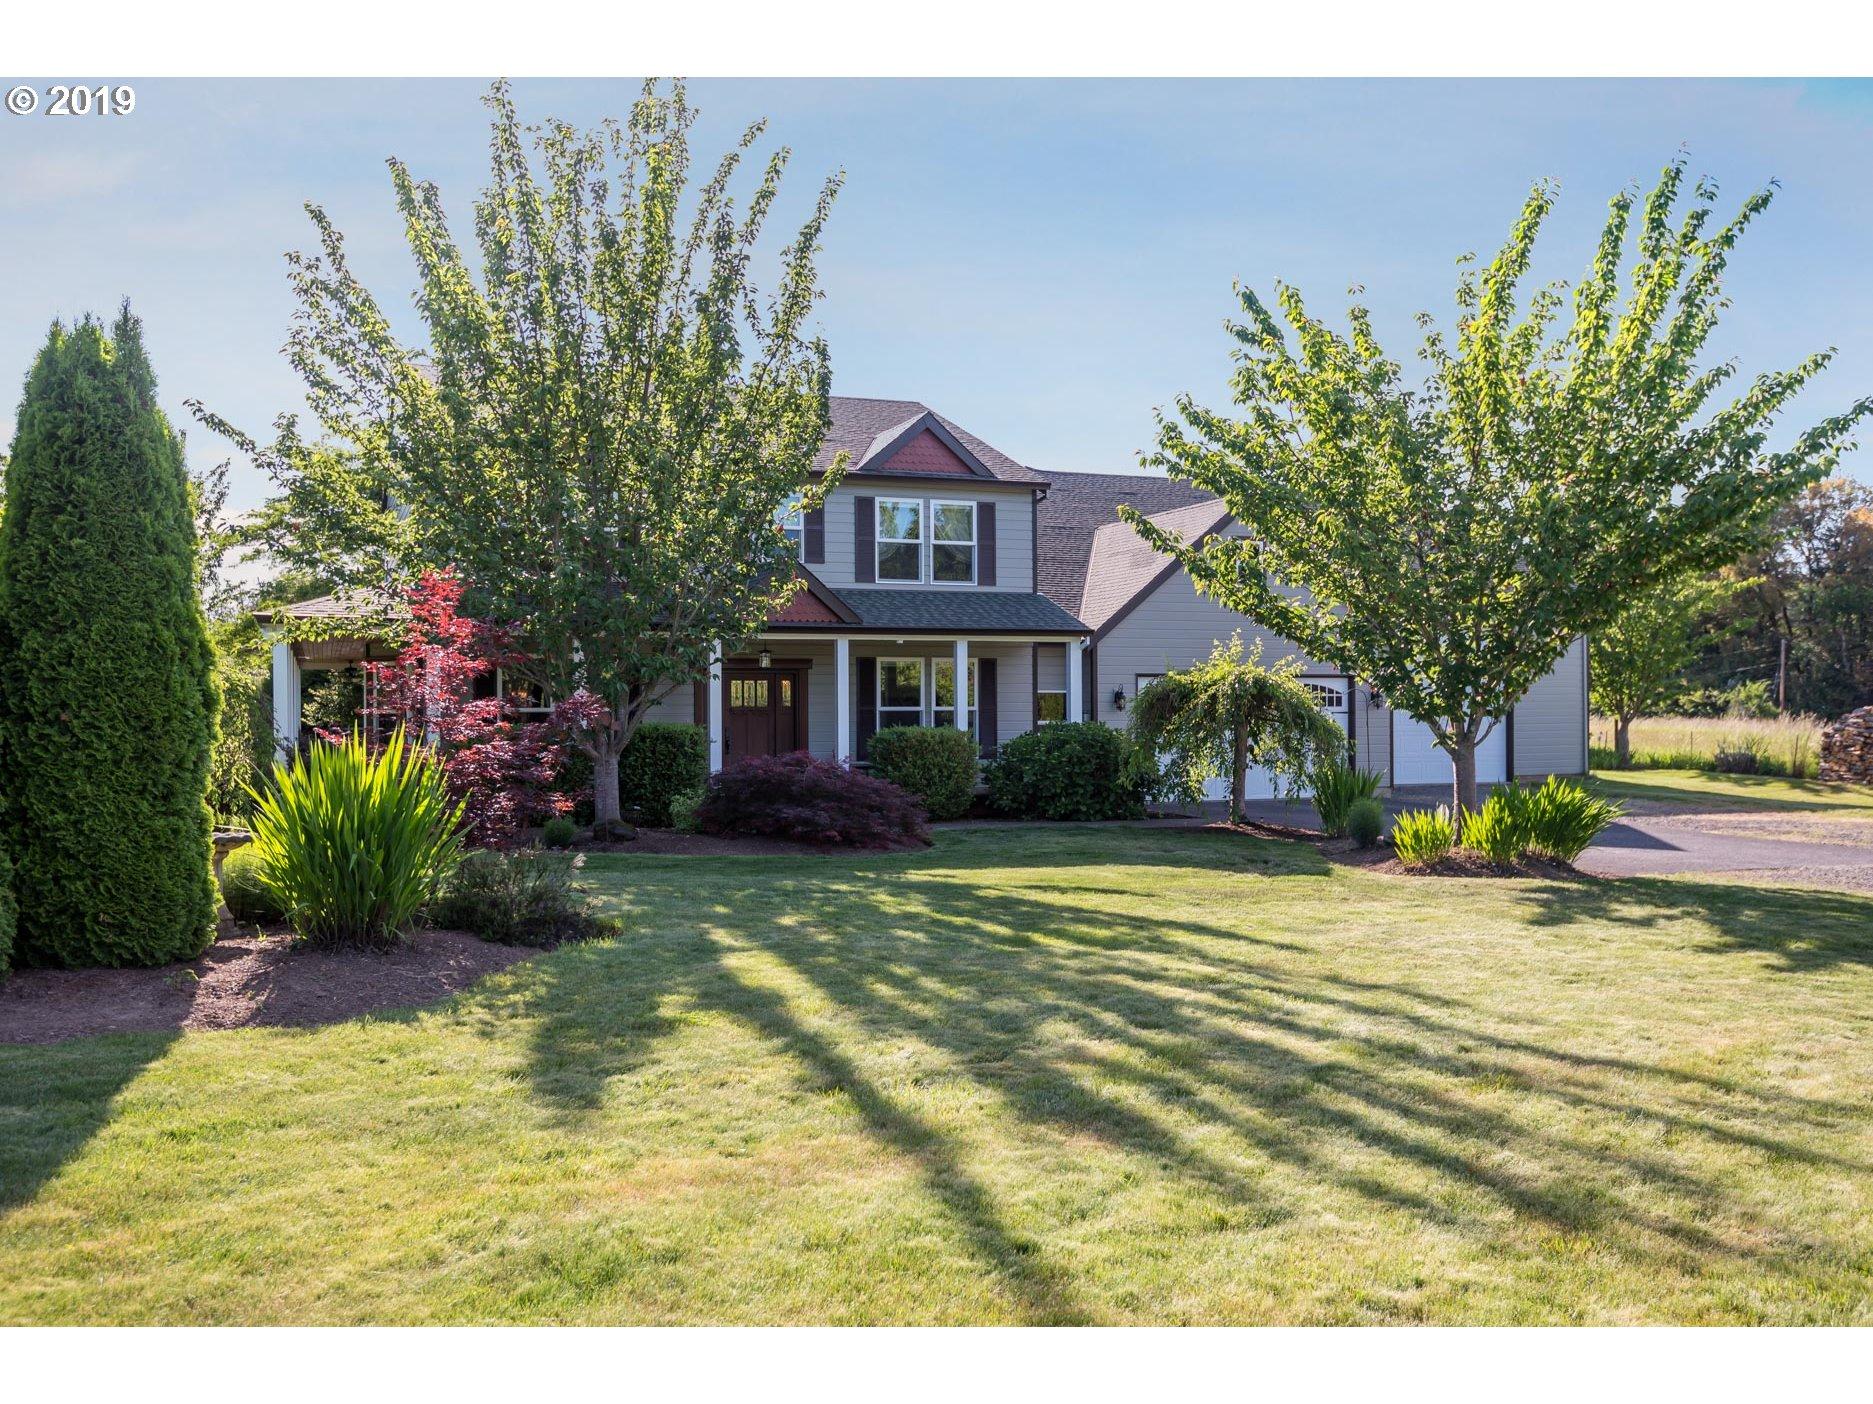 15299 S BRUNNER RD, Oregon City OR 97045